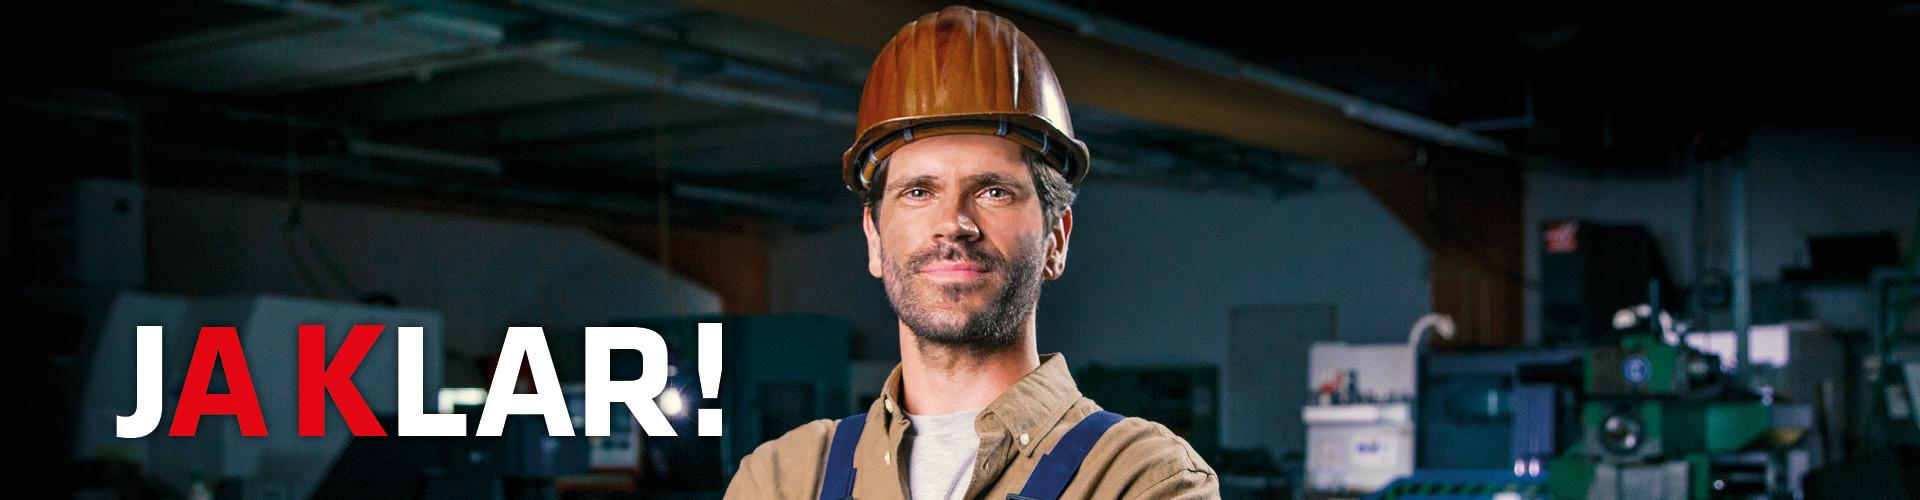 Arbeiter © Arbeiterkammer Oberösterreich, Arbeiterkammer Oberösterreich